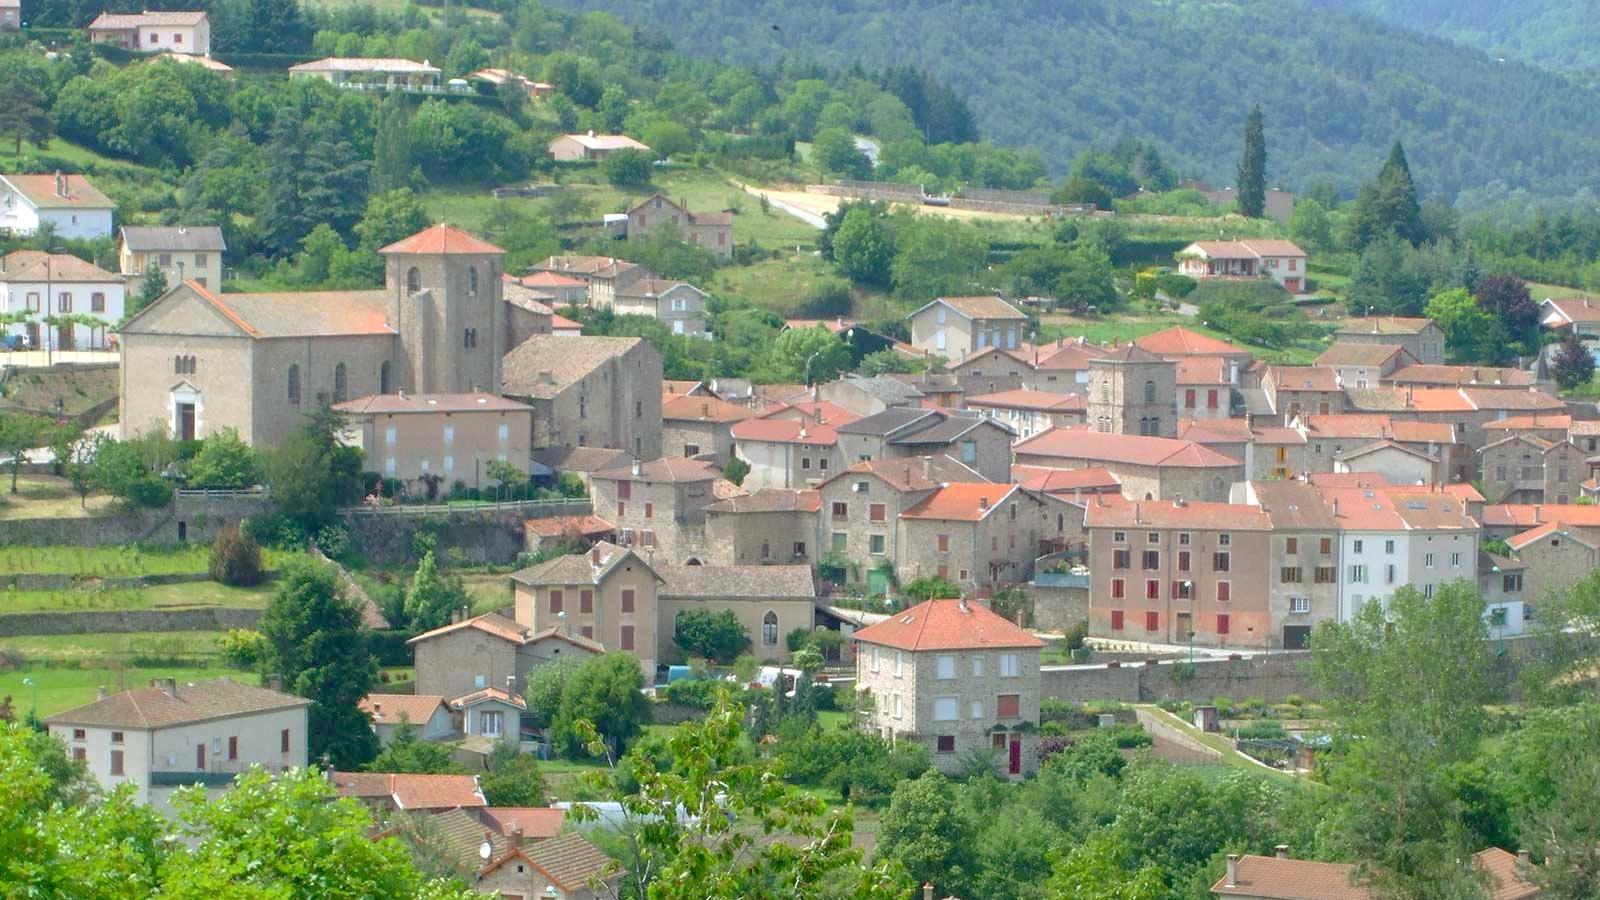 À côté du beau village de Désaignes